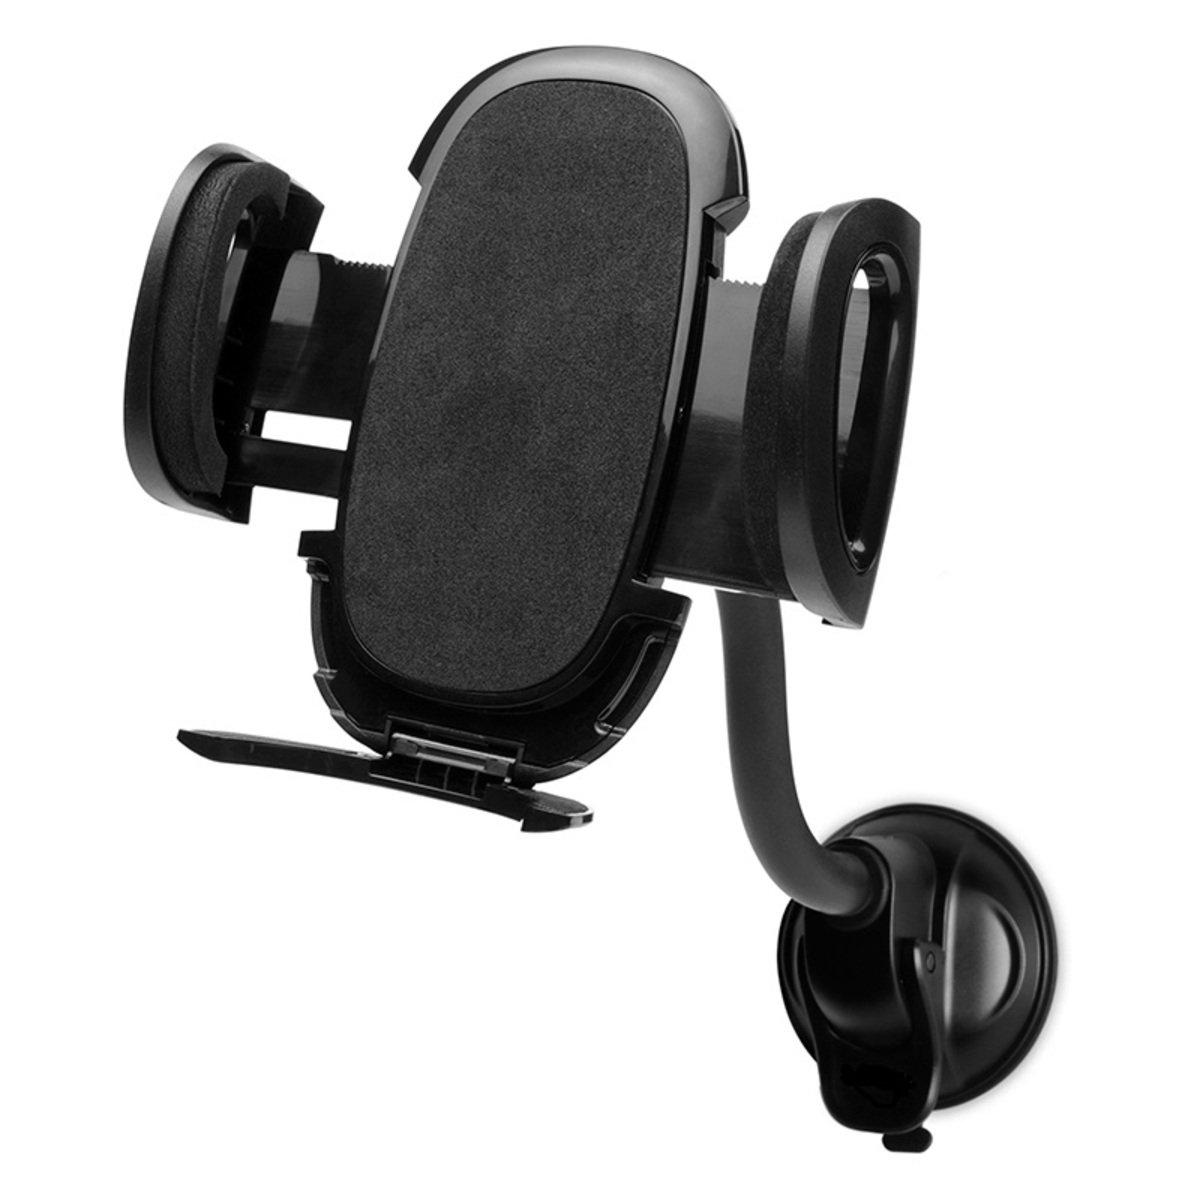 汽車擋風玻璃手機固定支架 (可上下活動調較) (黑)